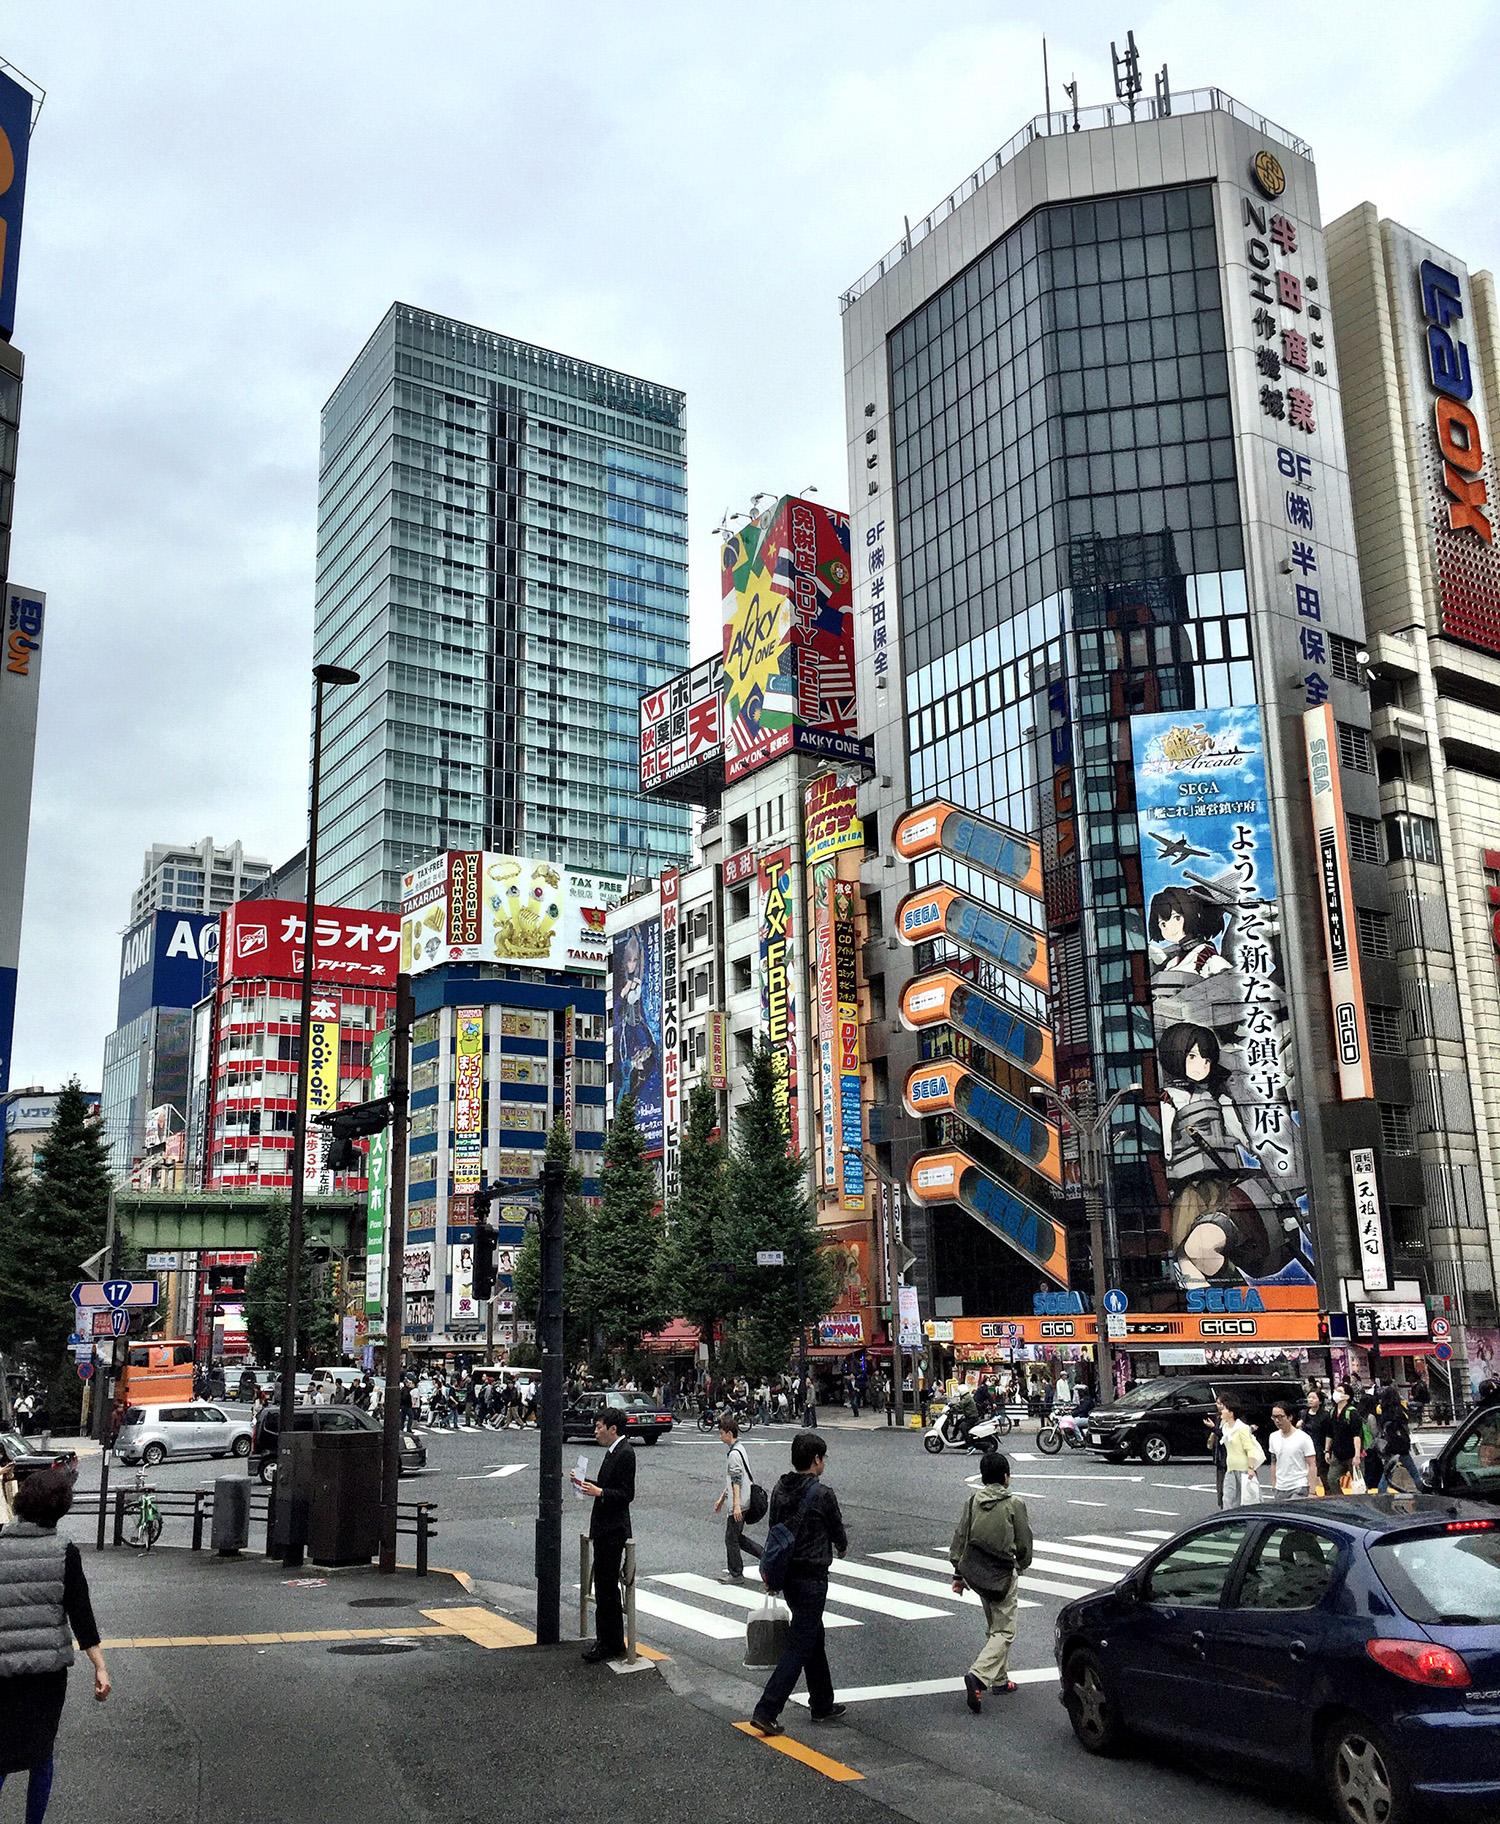 Начало Акихабара - крупнейшего в мире района электроники и анимэ